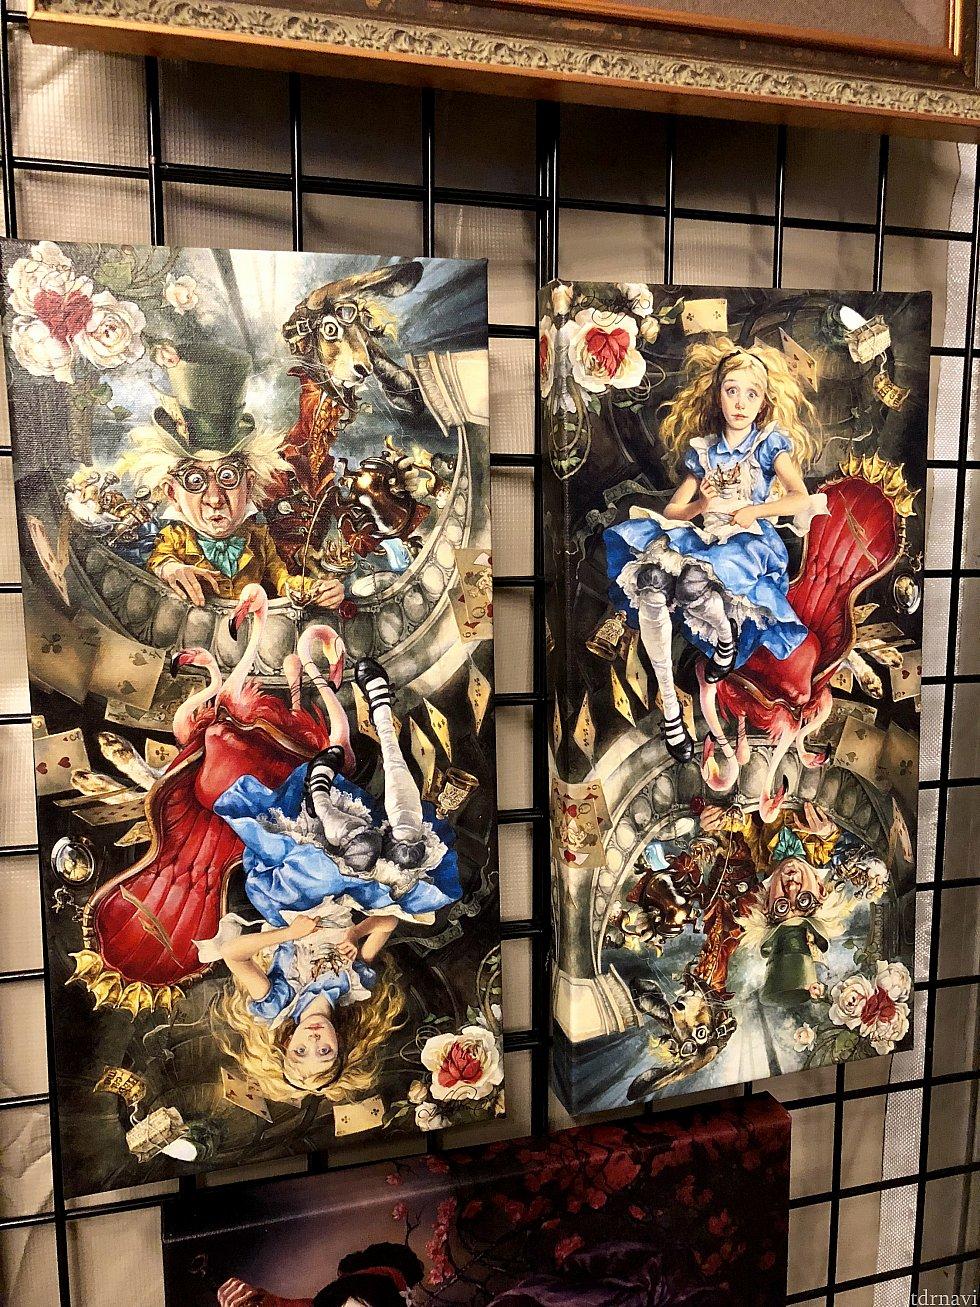 こちらのアーティストはまた画風が特徴的です。同じアリスの作品を上下逆さまにして並べてあります。